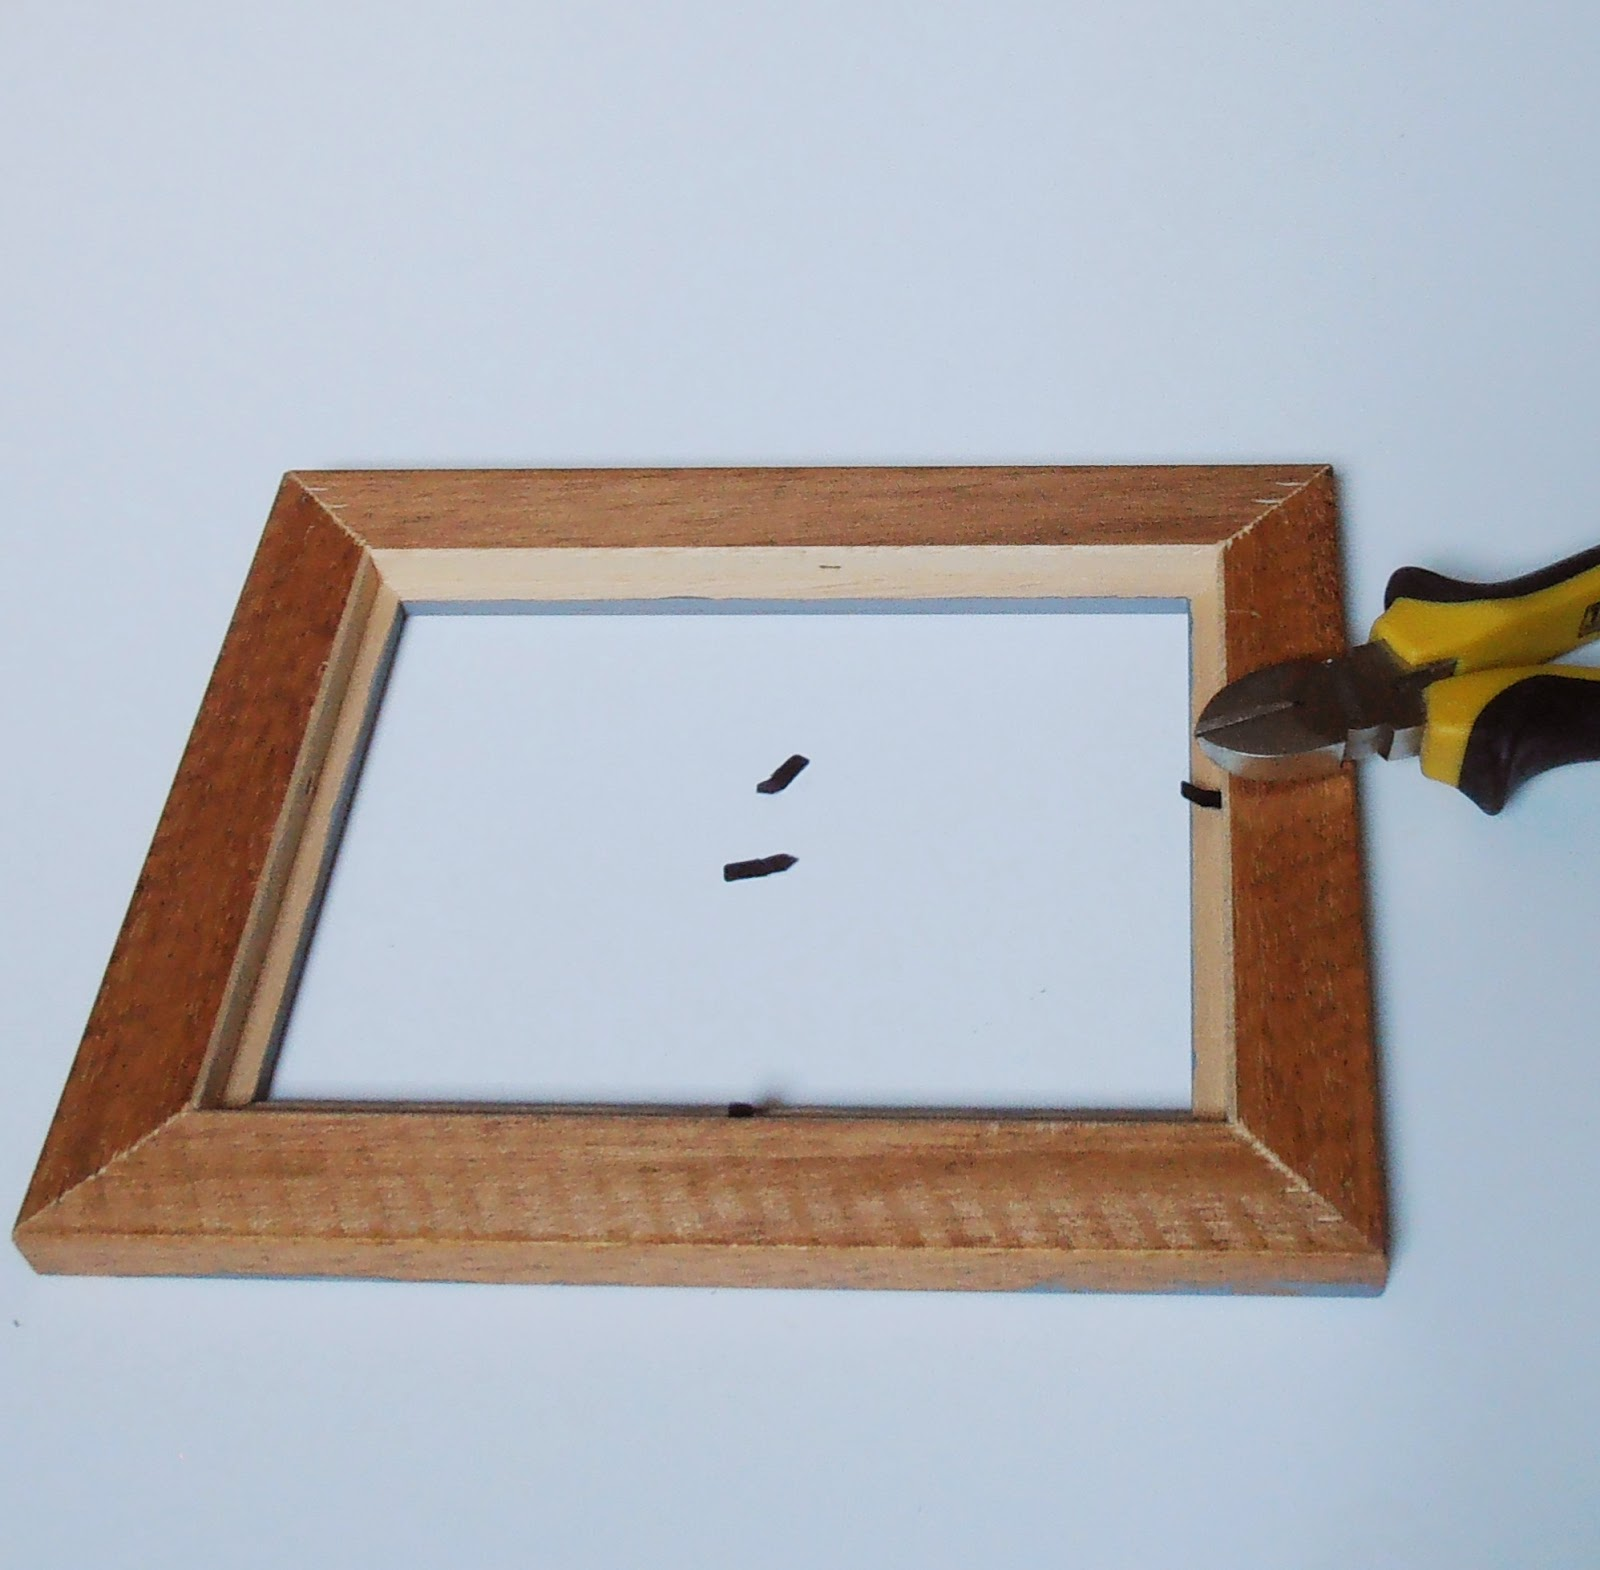 accesorios archivos - Página 2 de 21 - Handbox Craft Lovers ...